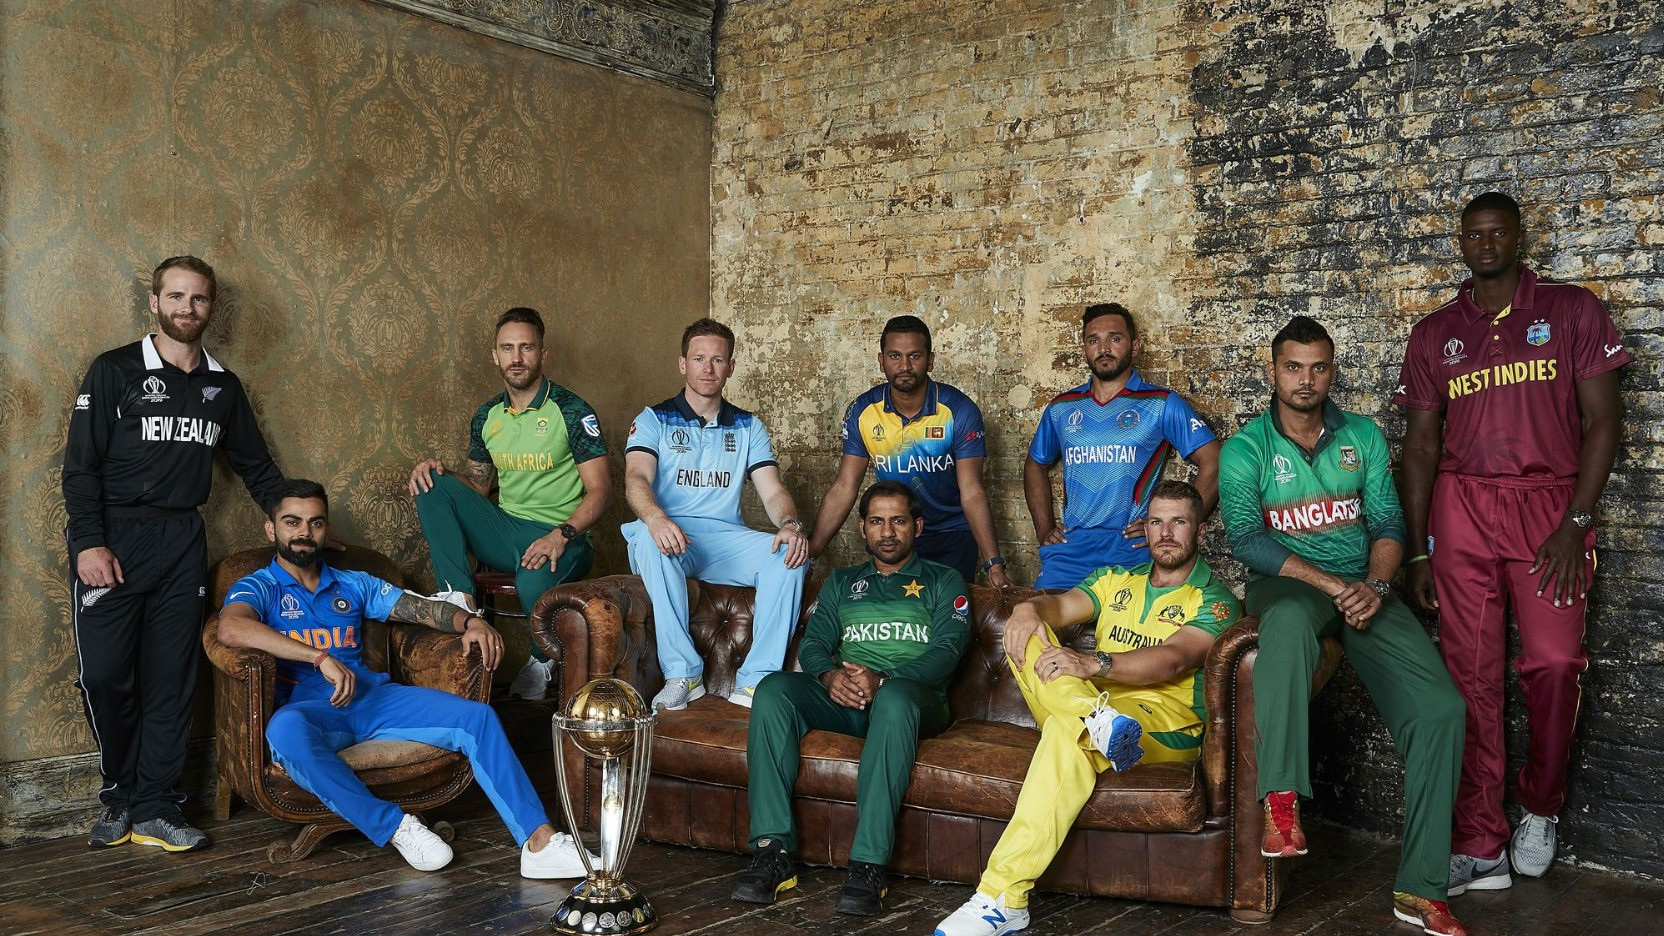 गूगल इंडिया के सर्च में इस साल टॉप पर रहा 'क्रिकेट वर्ल्ड कप'